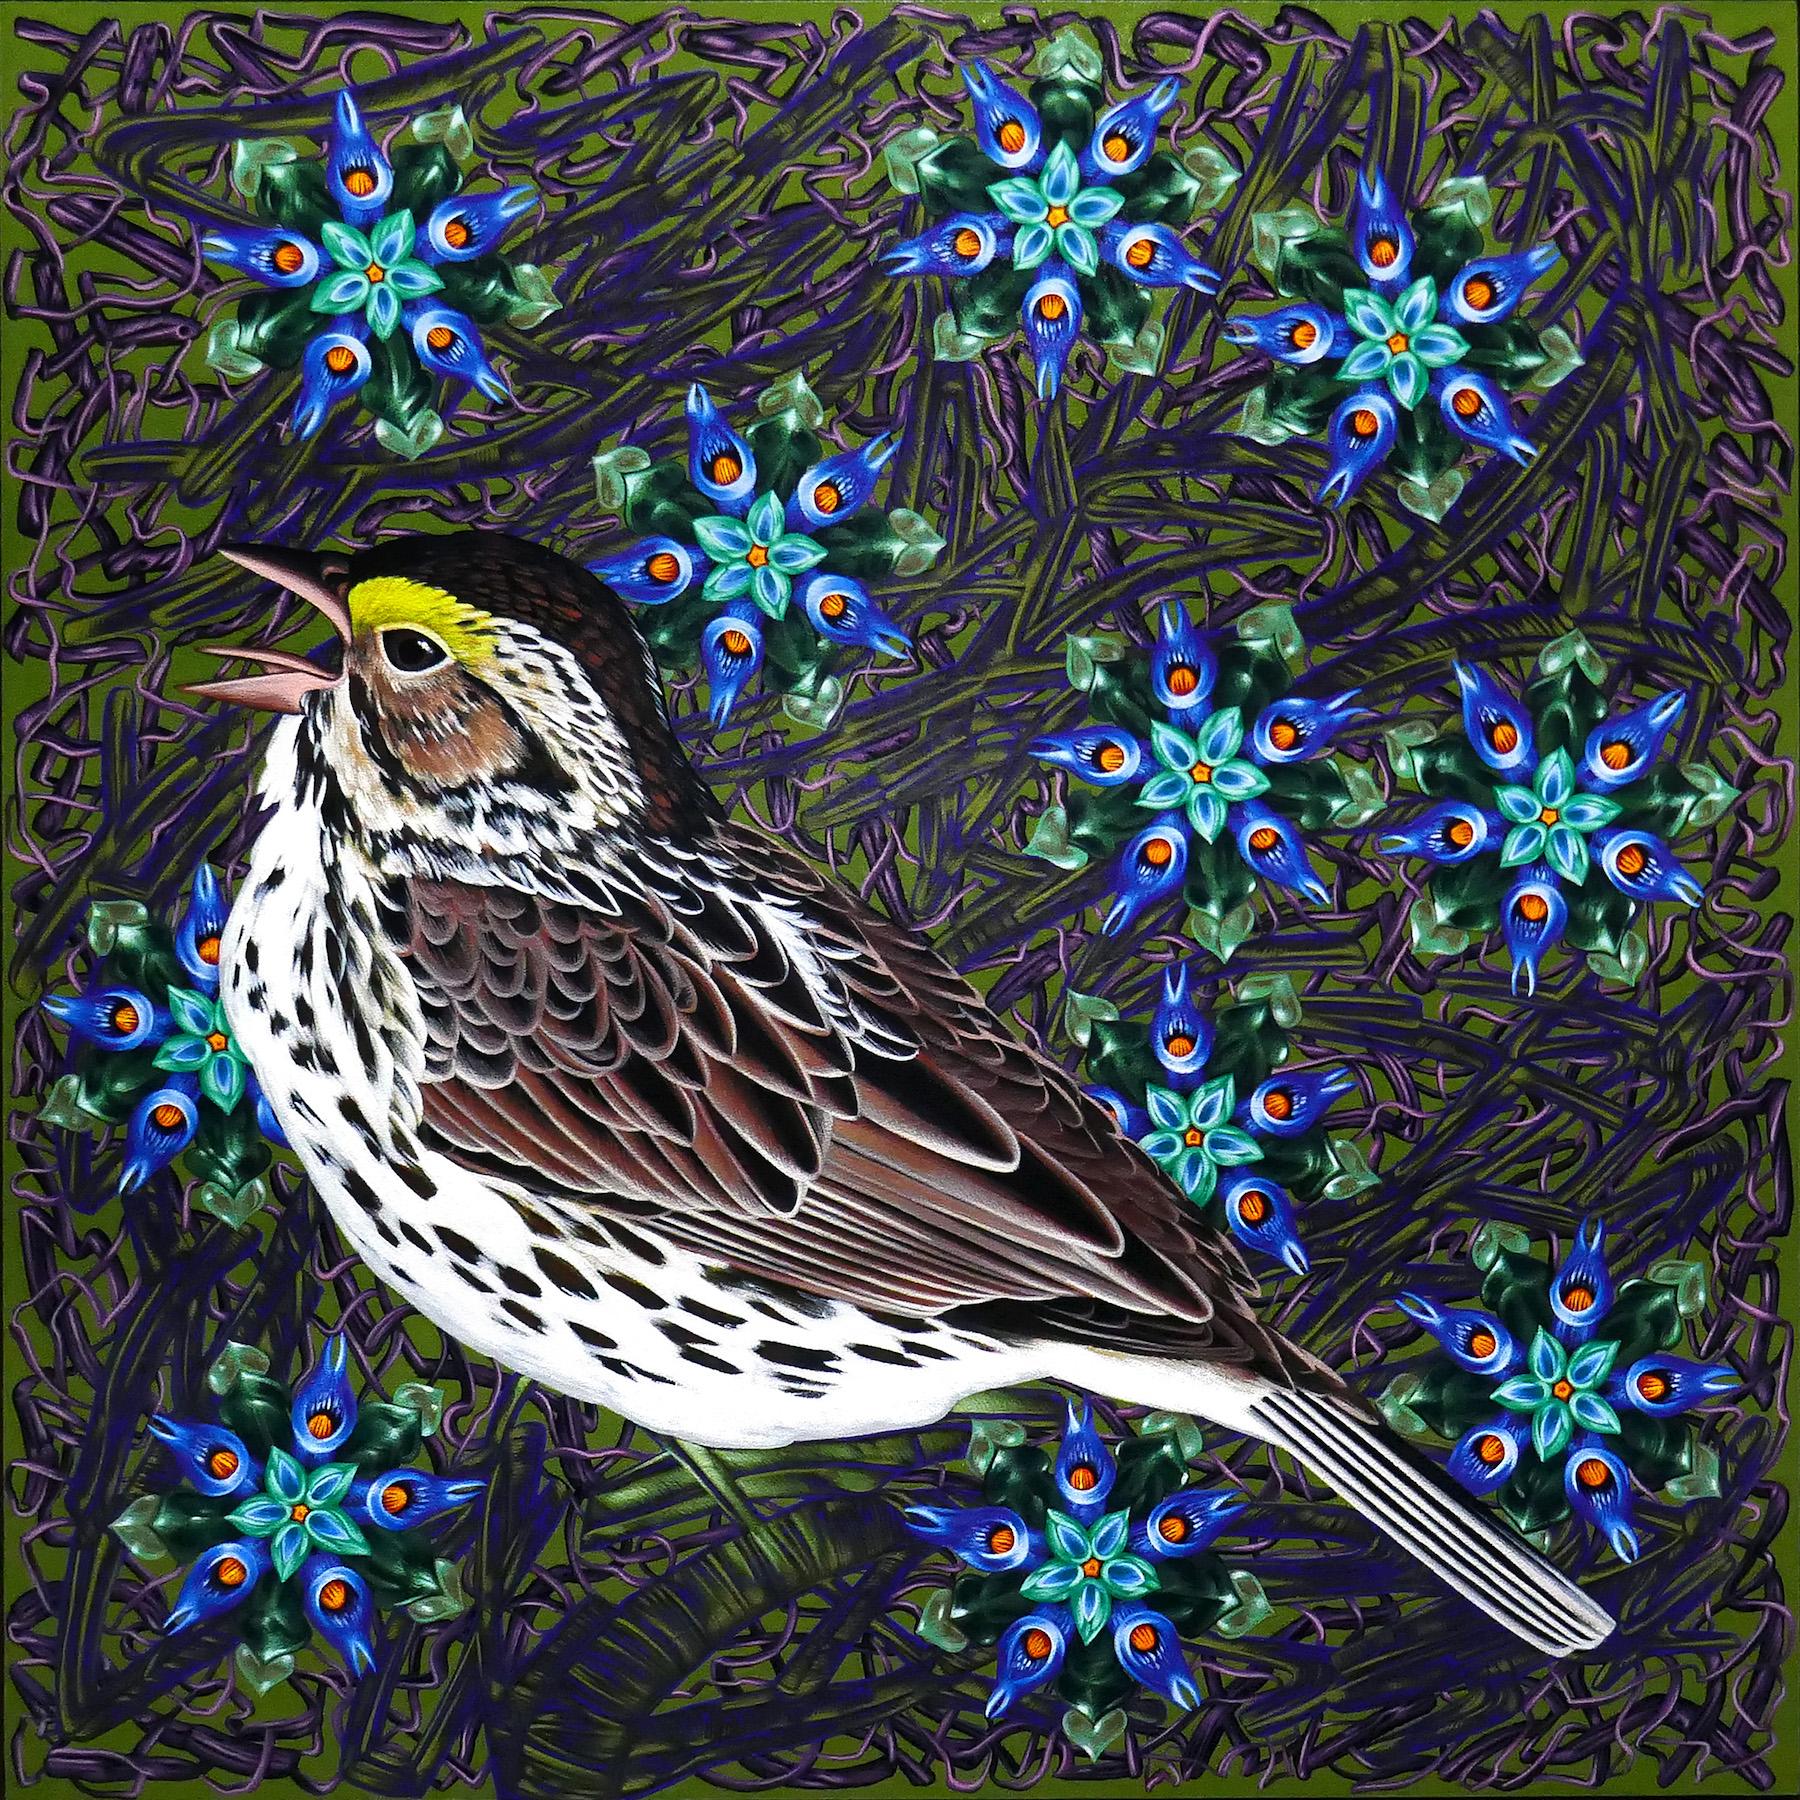 Exult 44 Savannah Sparrow  30x30 Acrylic on panel